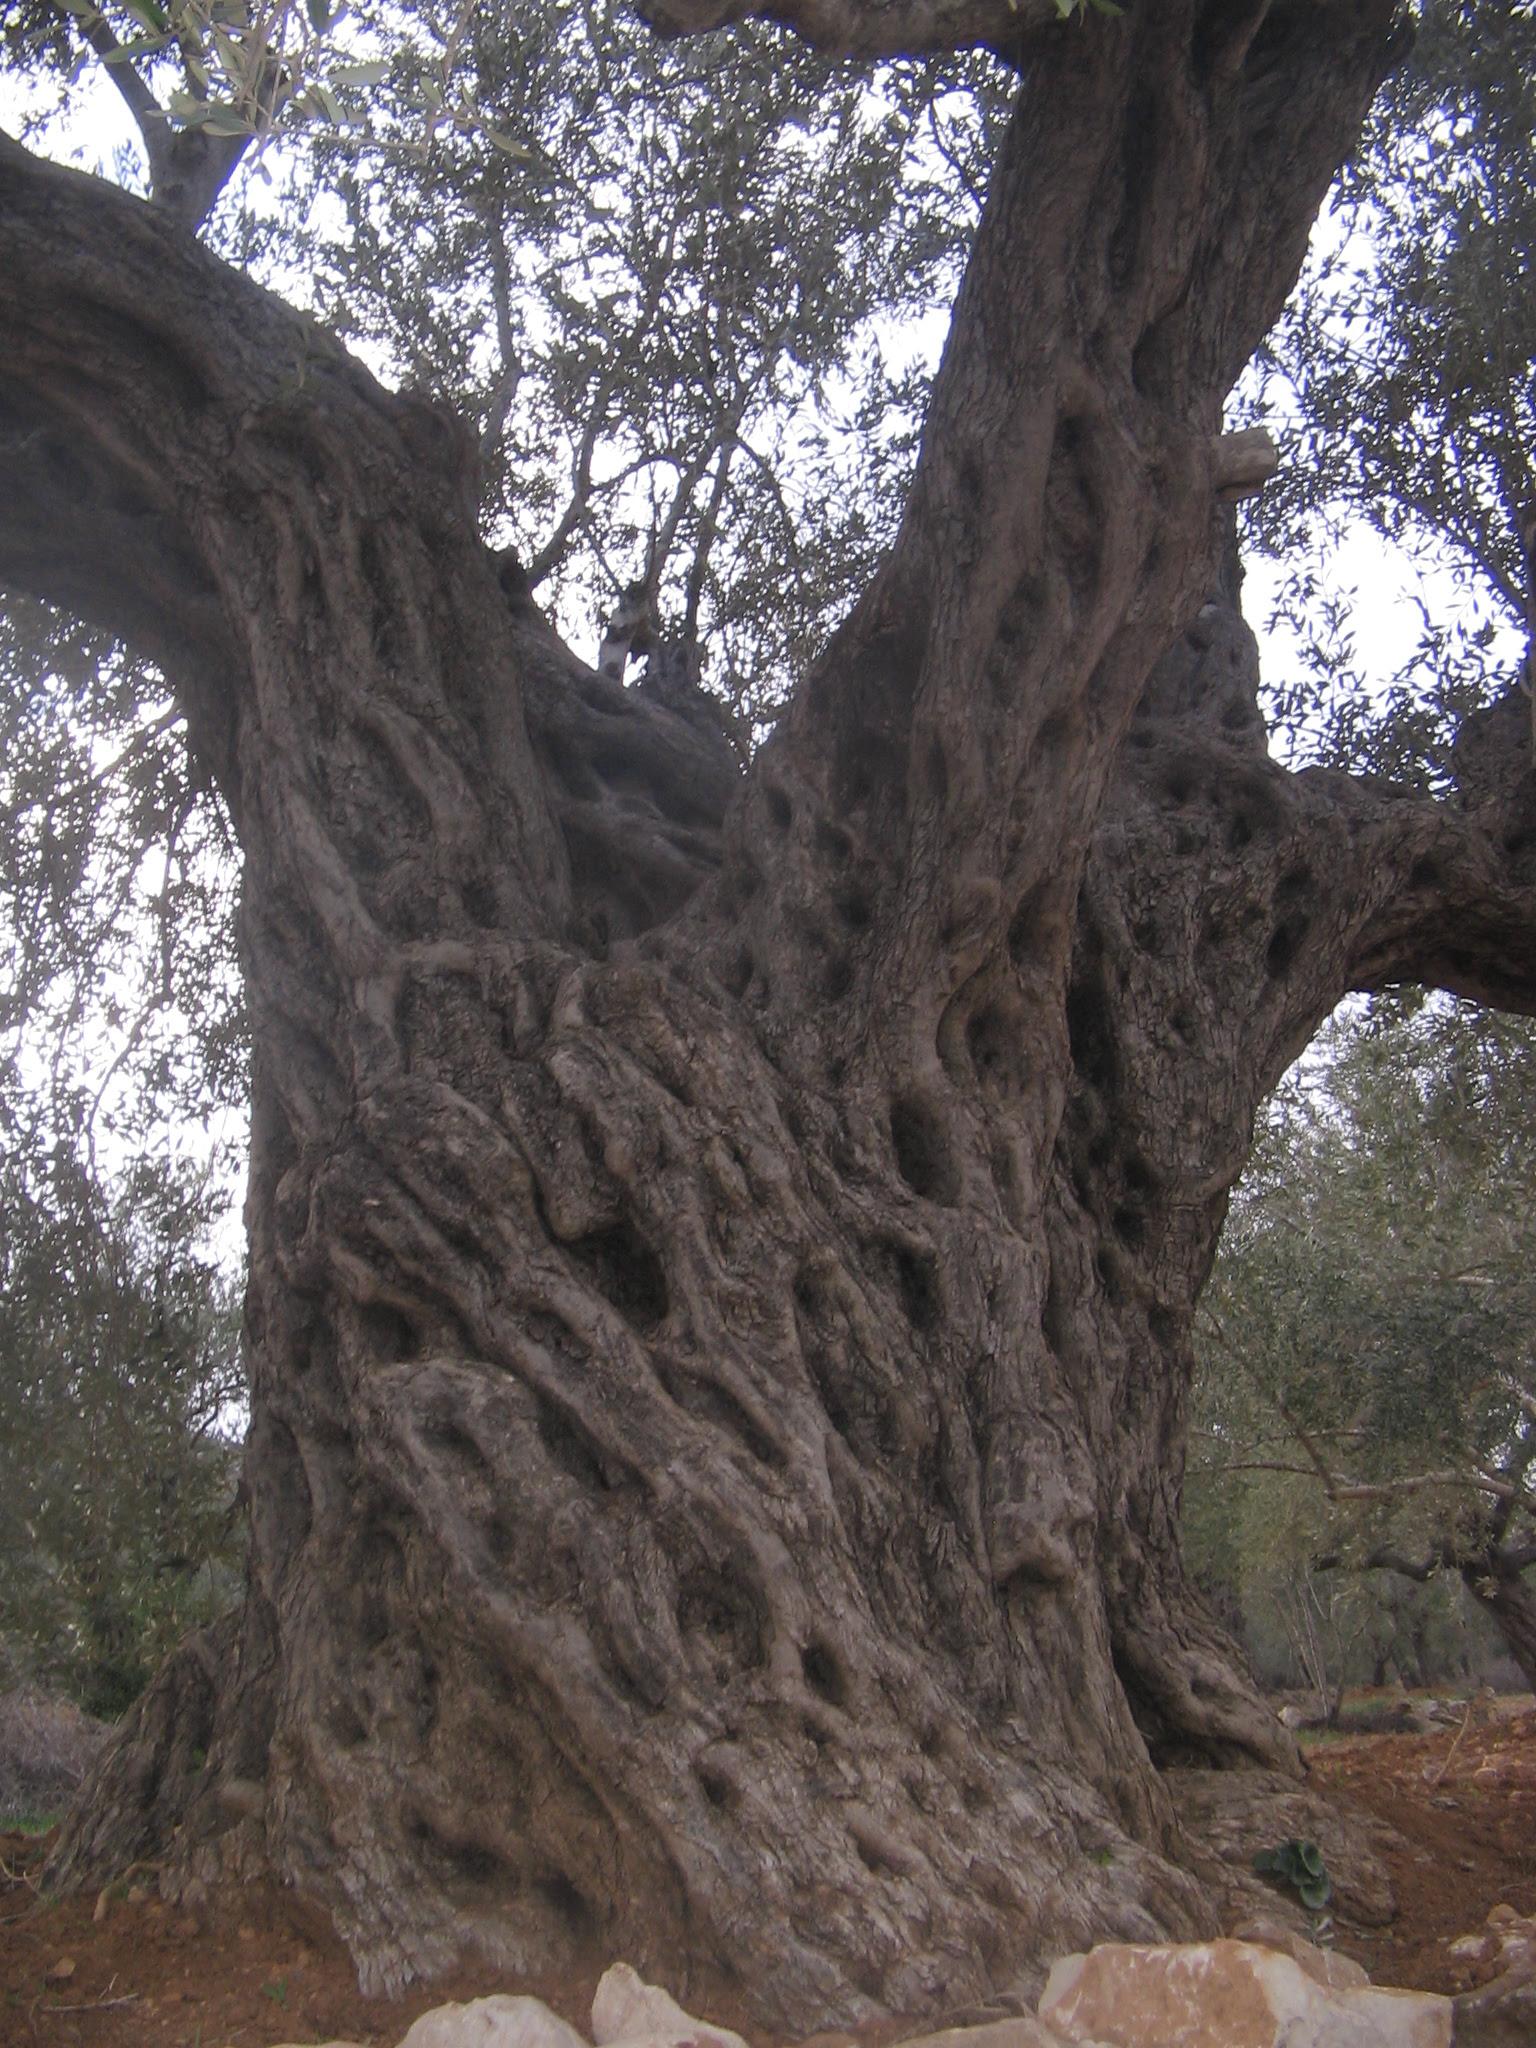 Husan-حوسان: تراث طبيعي(شجرة زيتون معمرة في حوسان)